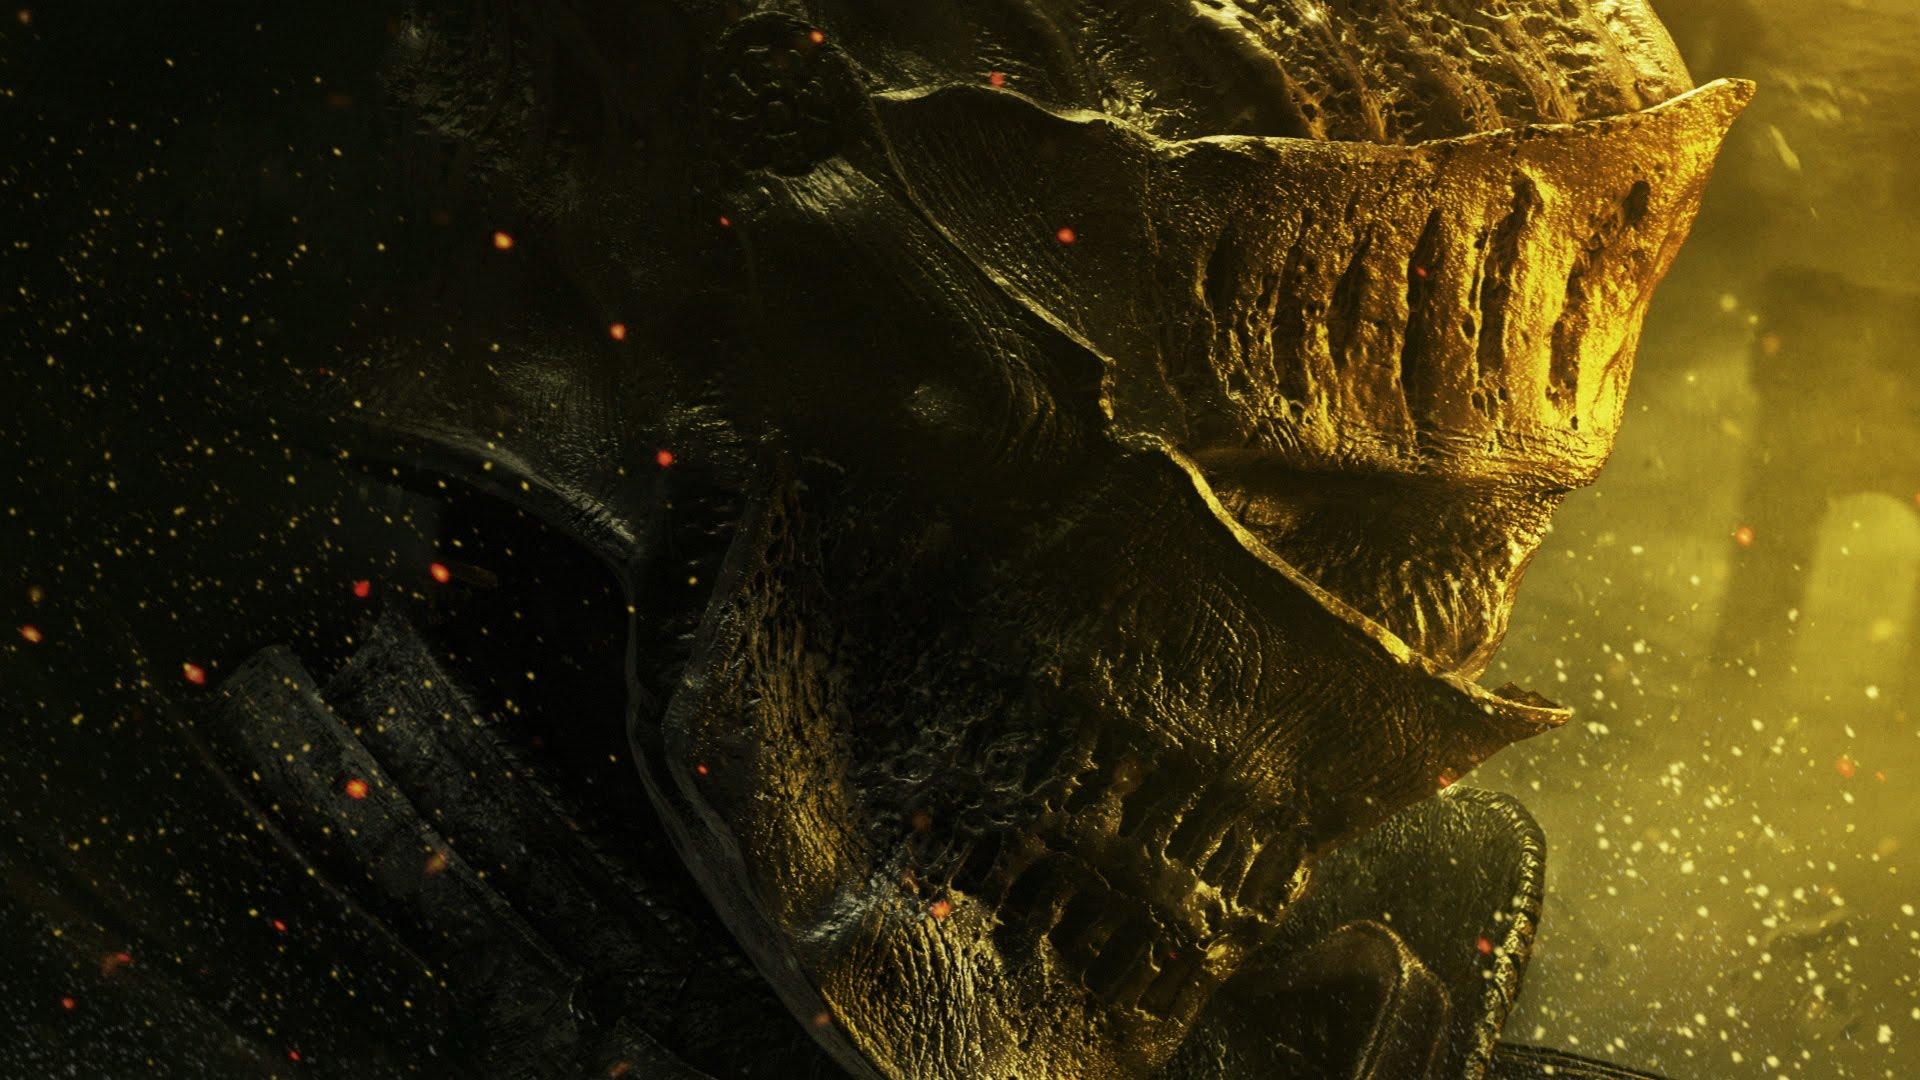 Dark Souls III   Wallpaper Full HD   1920x1080   Knight   Select Game 1920x1080